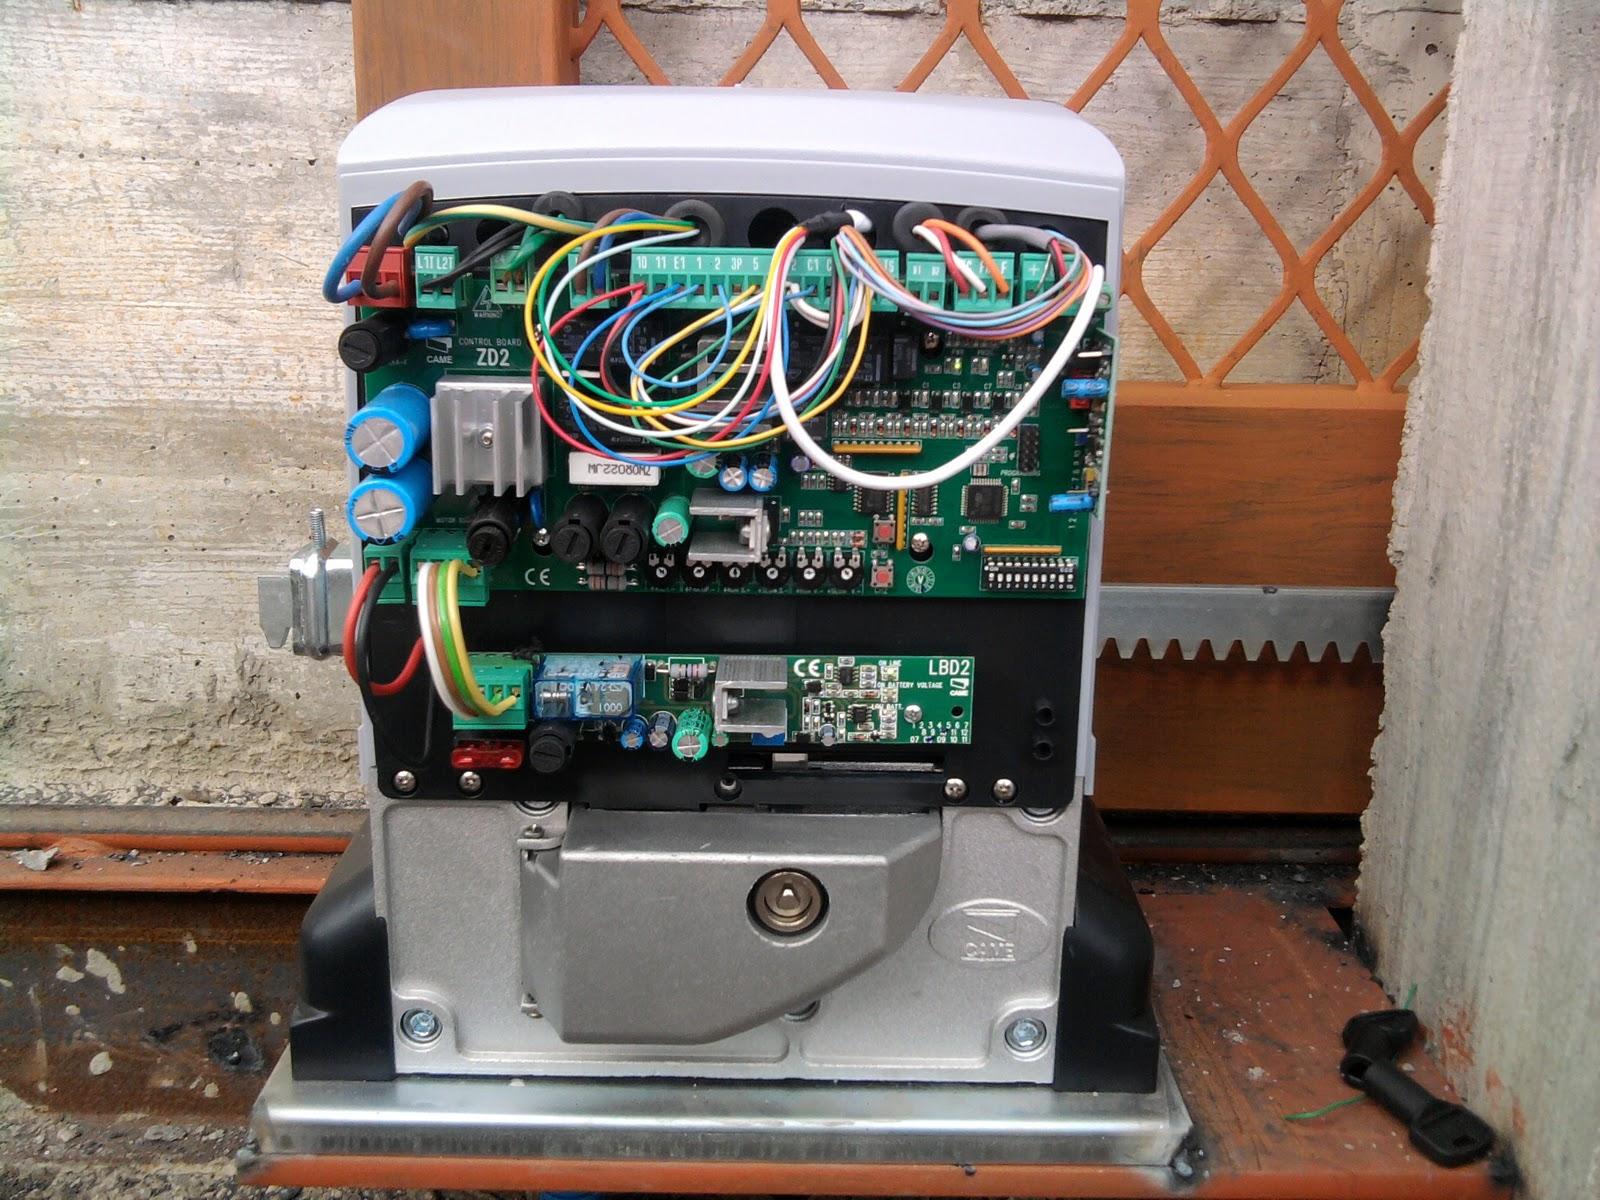 Schema Elettrico Za2 Came : Schema elettrico motore came bx fare di una mosca